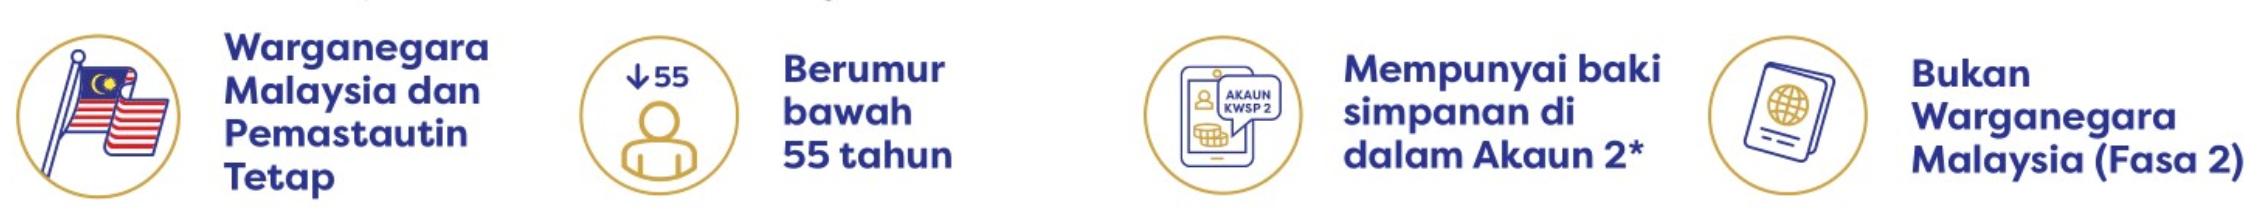 Kelayakan Pengeluaran i-Lestari Akaun 2 KWSP